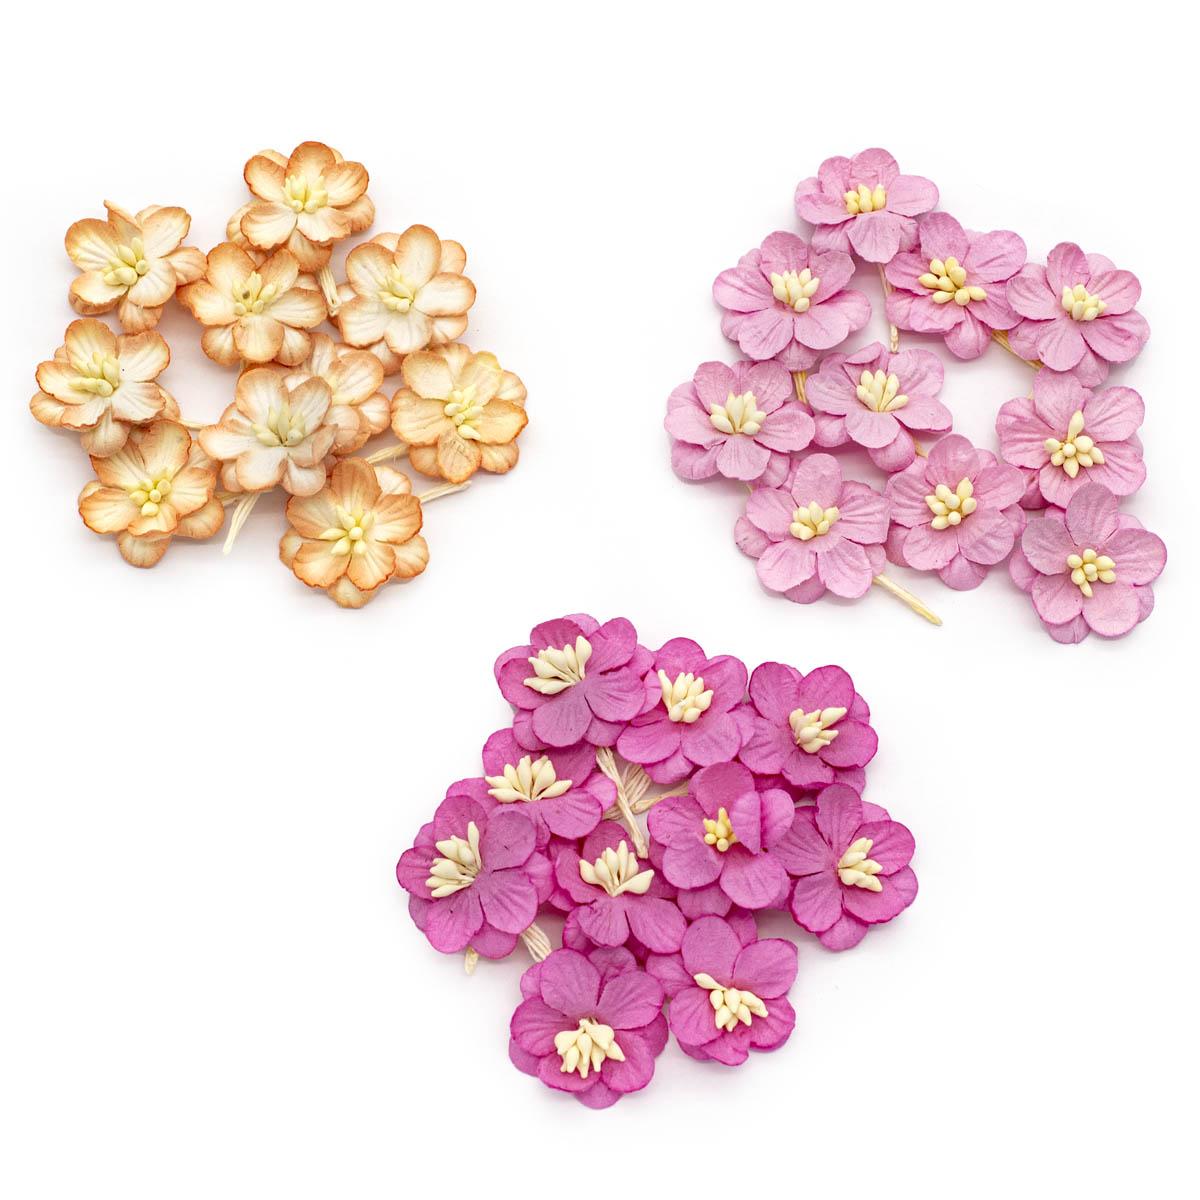 Набор цветки вишни из бумаги, персиковый, яркий розовый, нежная роза, 30 шт, Астра